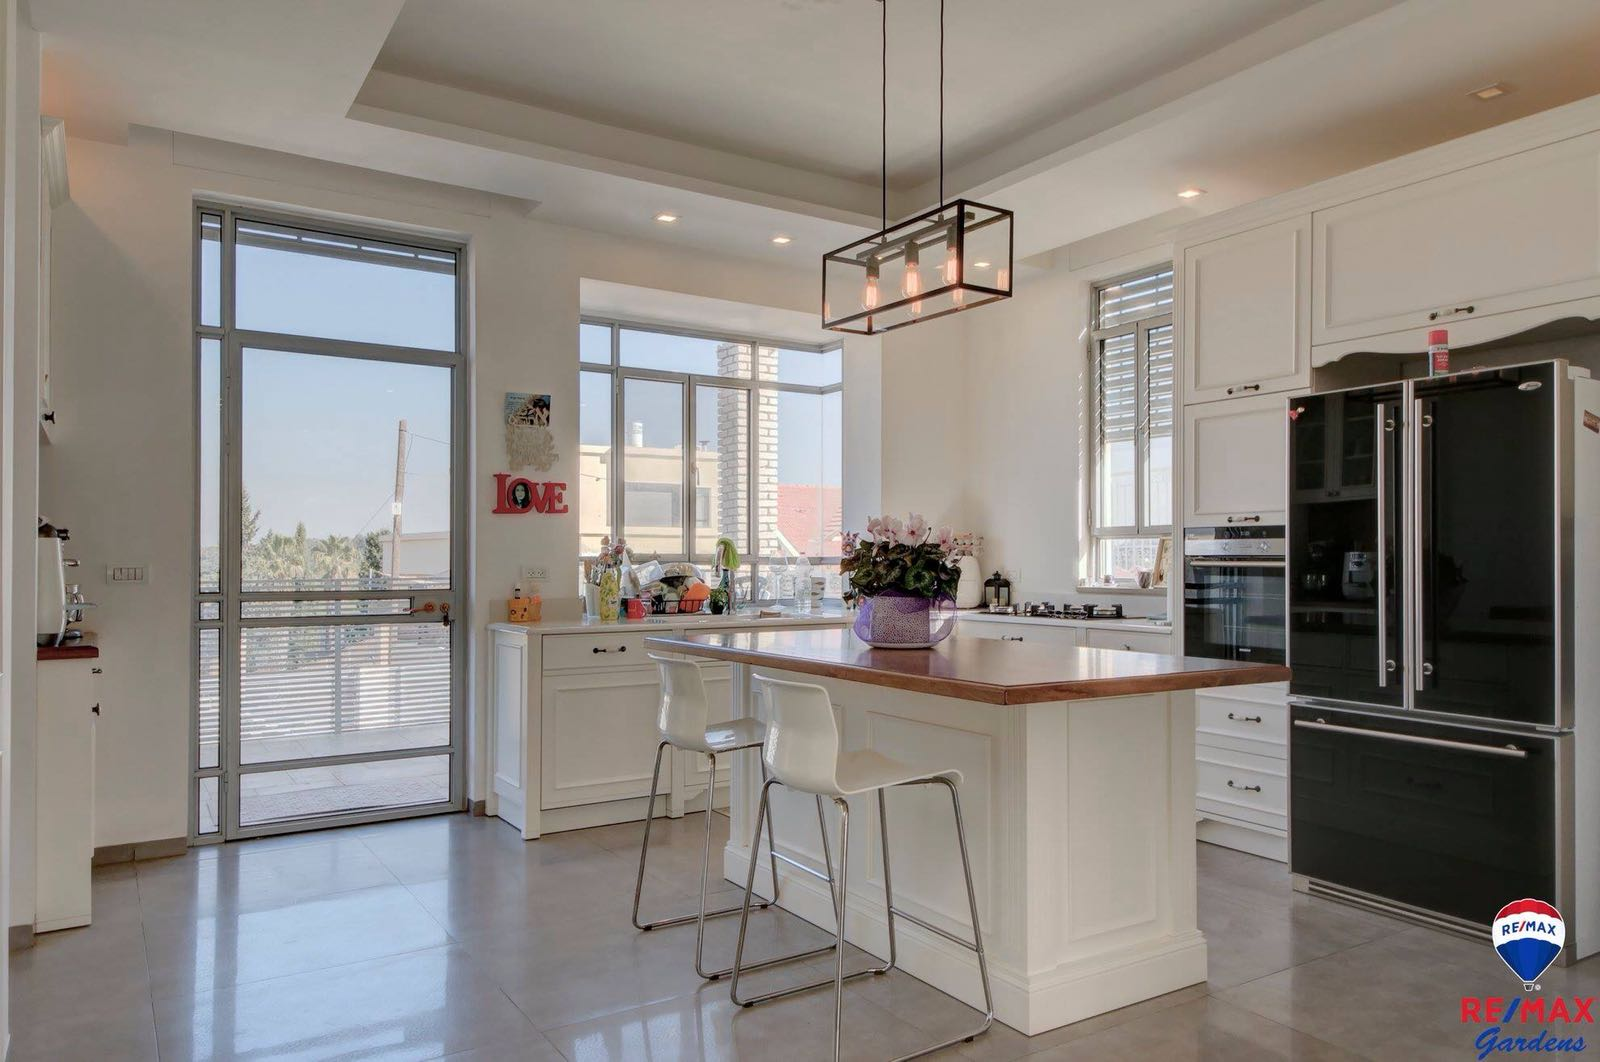 למכירה בתל-מונד נכס יוקרה עם זכויות בניה לבית נוסף